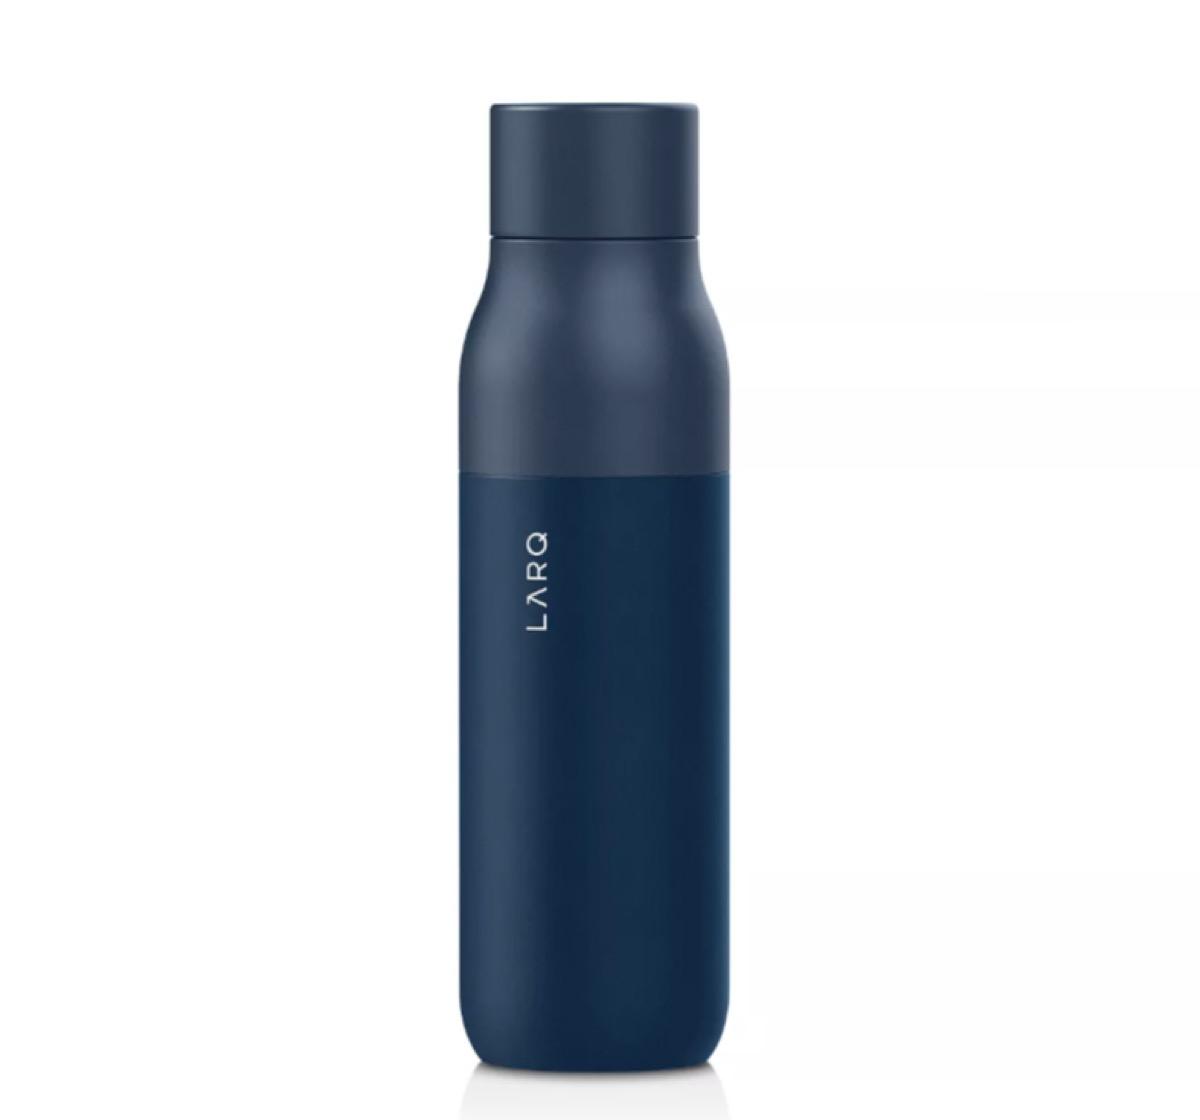 larq self cleaning water bottle bloomingdales, best boyfriend gifts